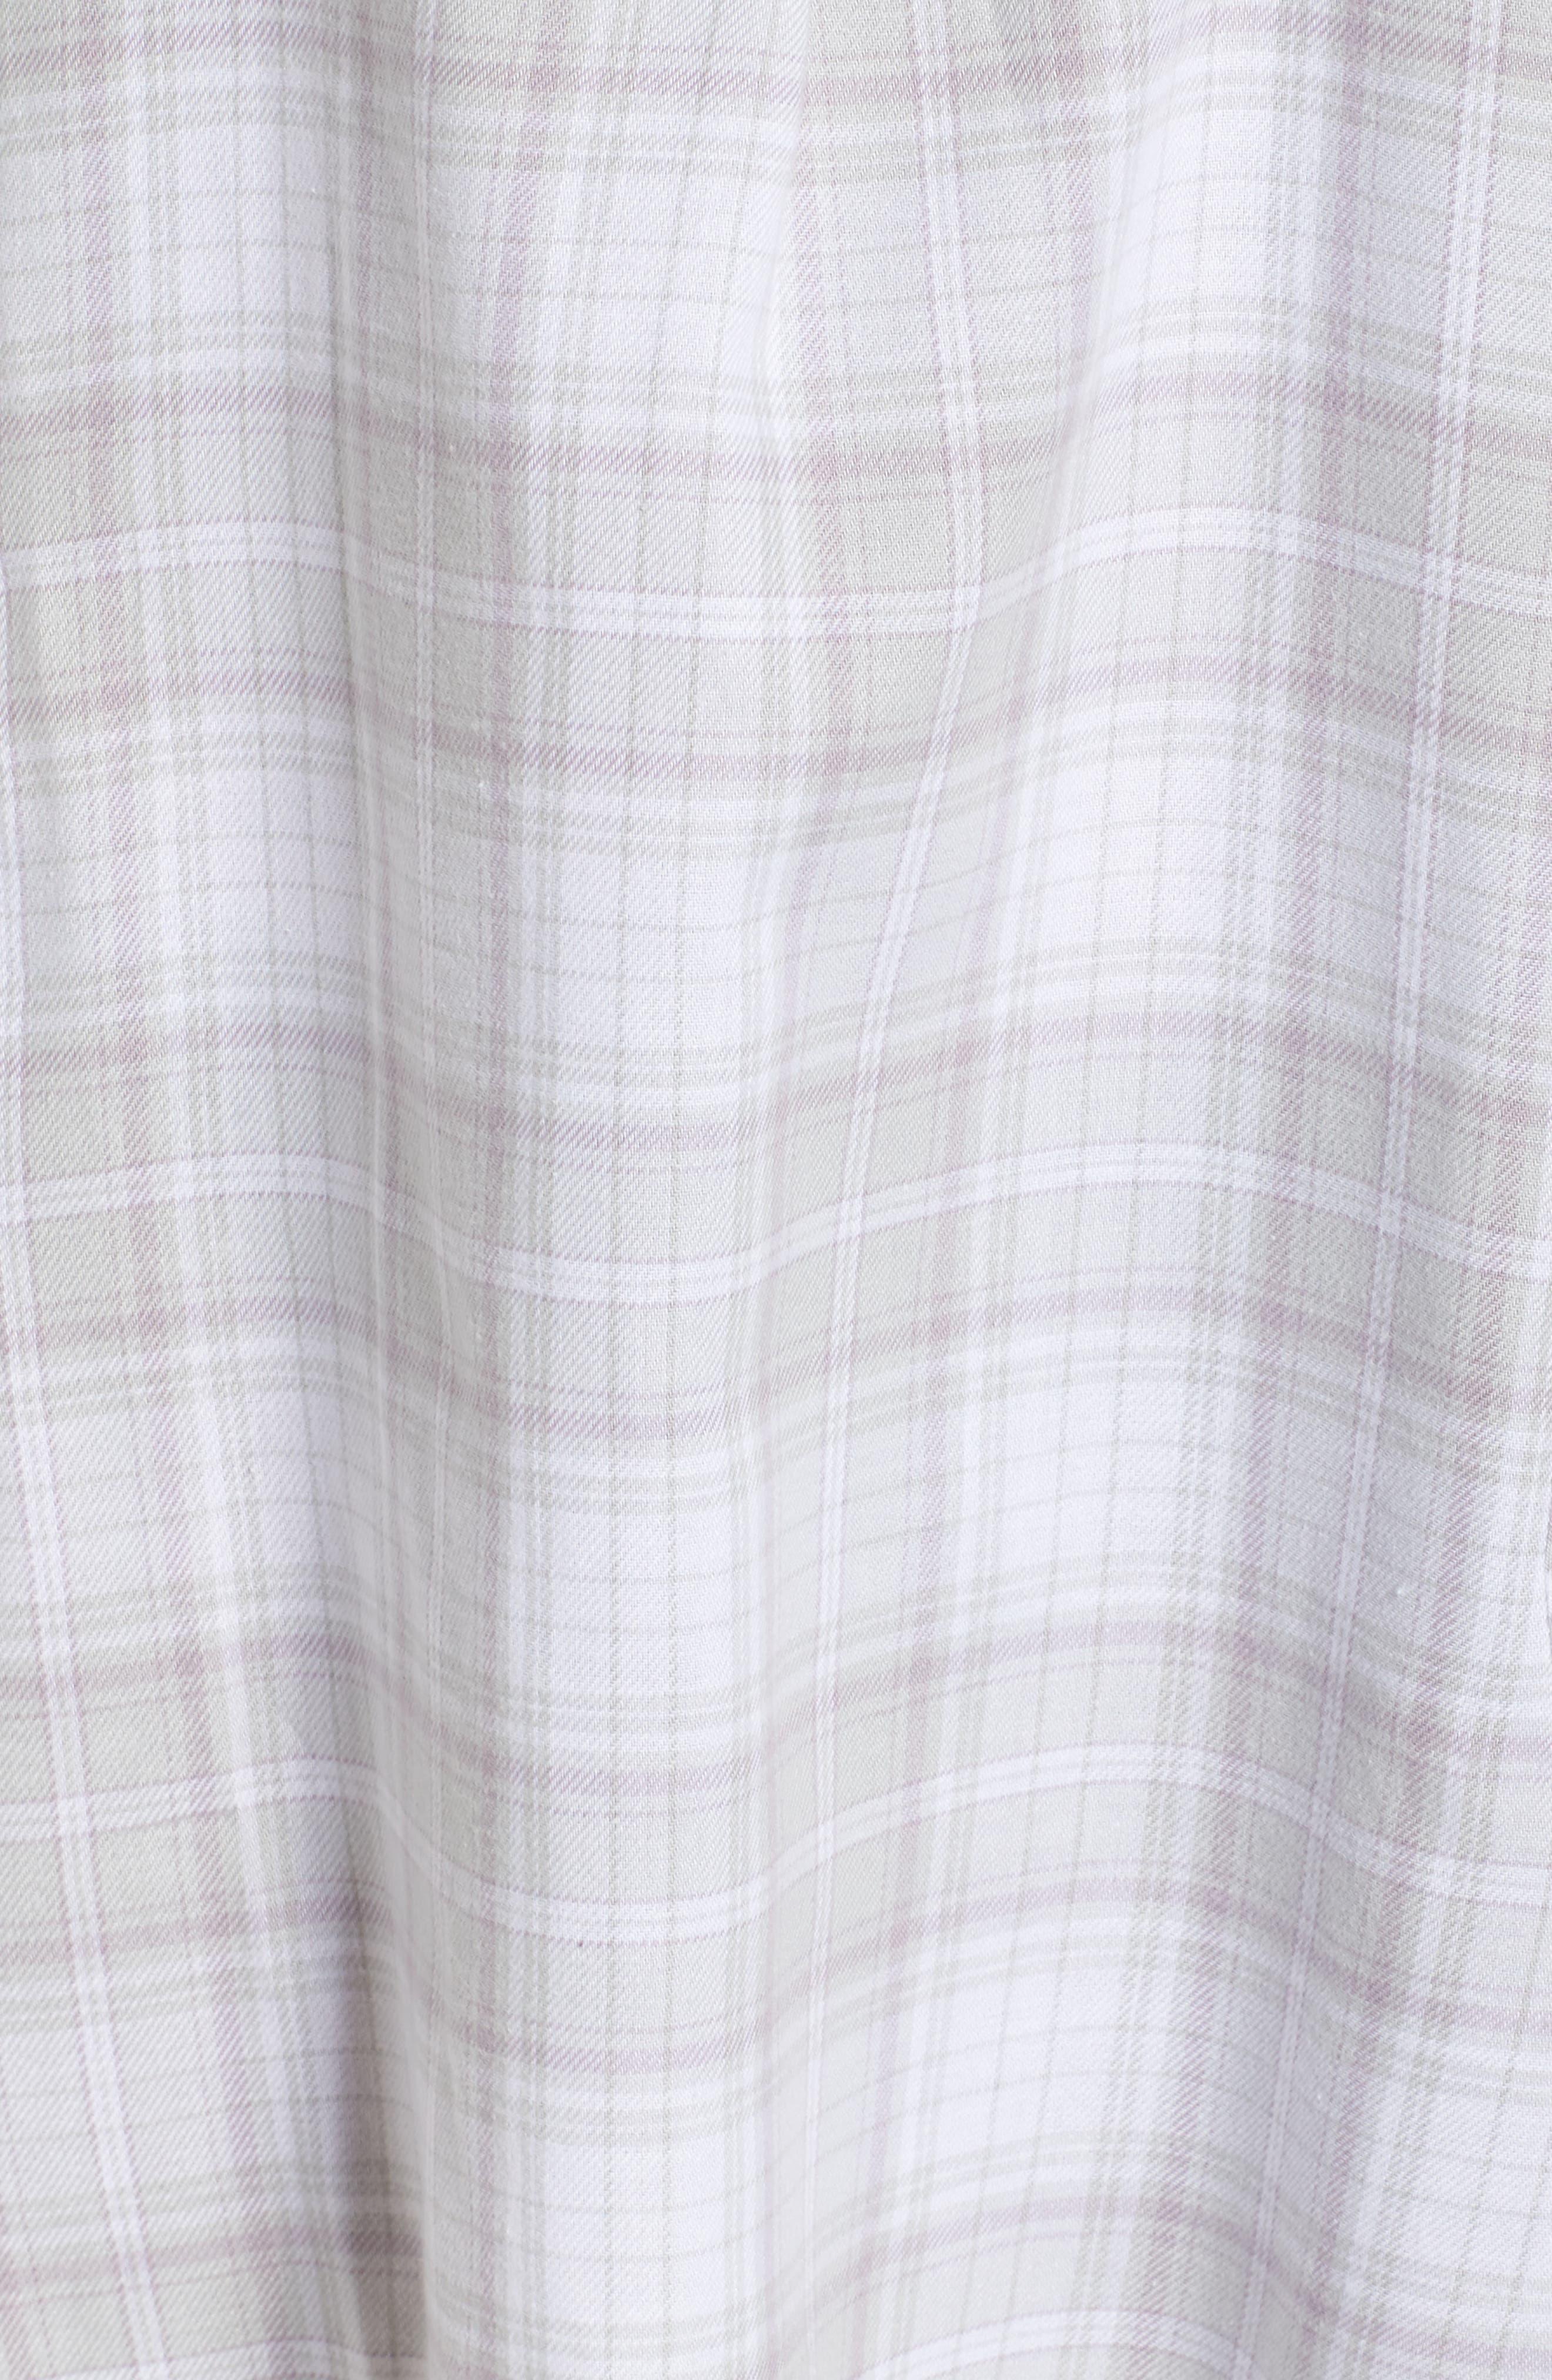 Sleep Shirt & Socks Set,                             Alternate thumbnail 5, color,                             LAVENDER AURA PLAID